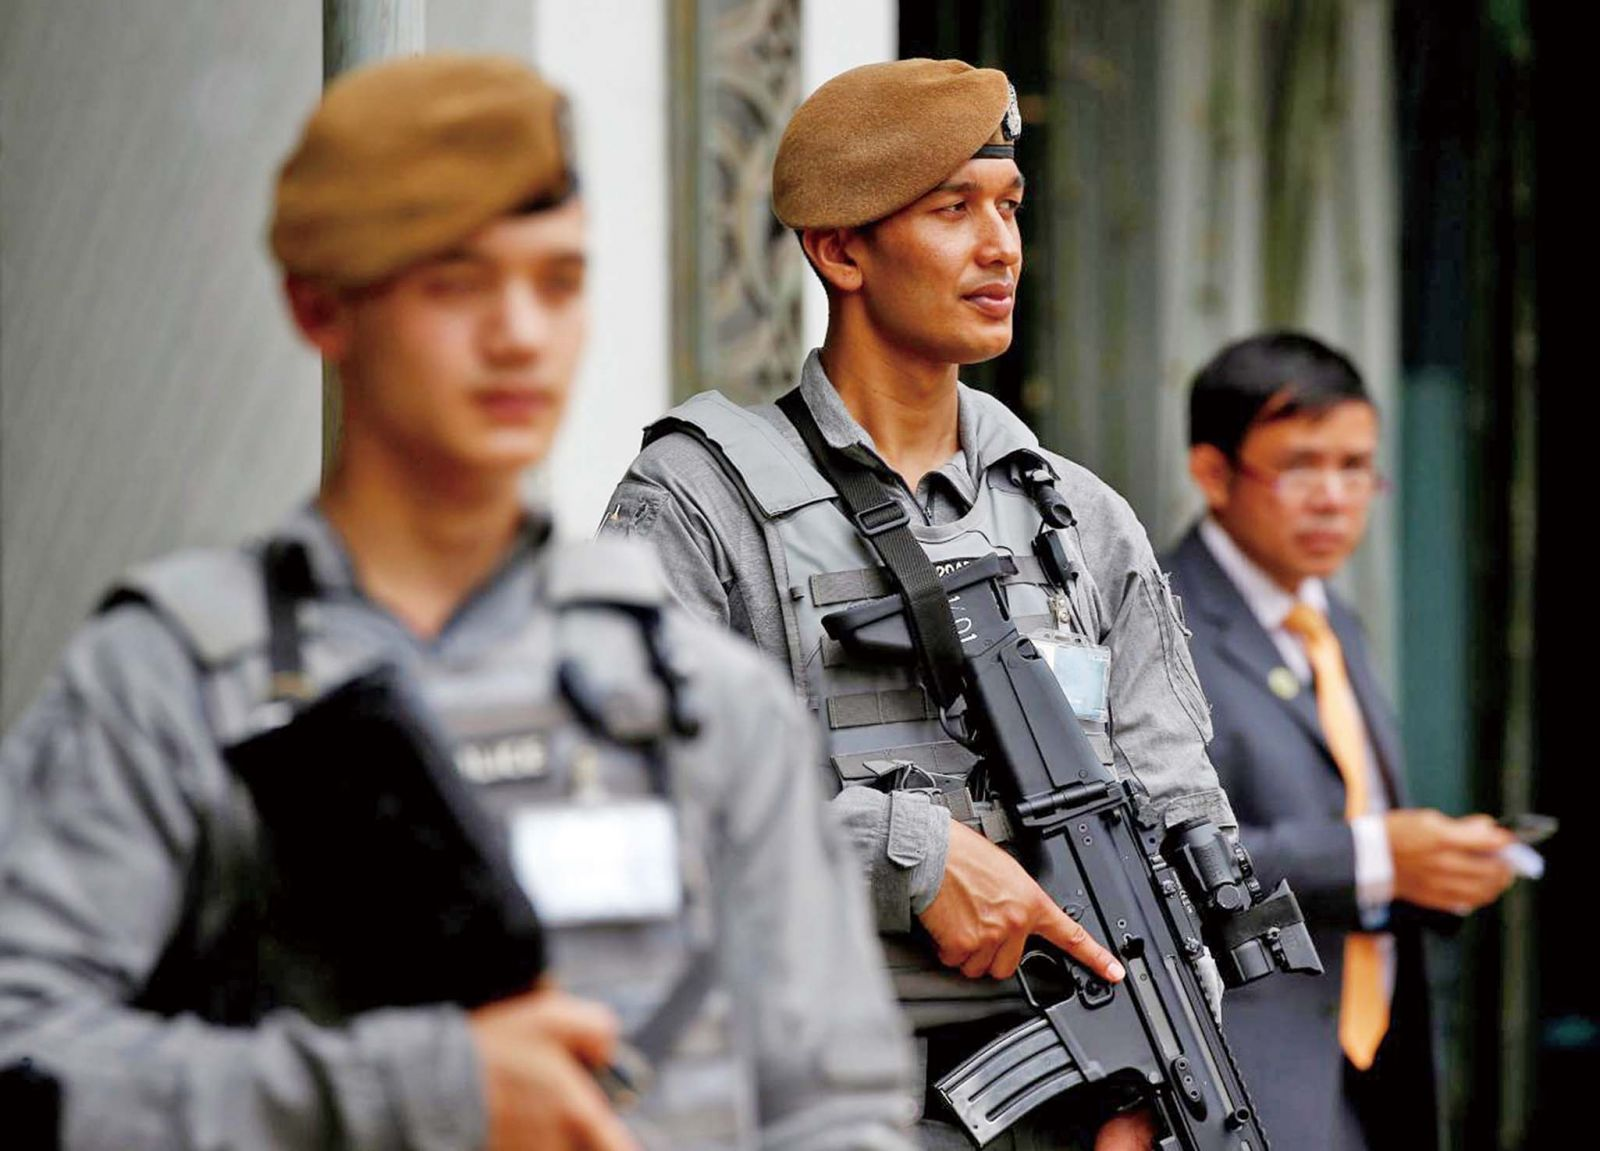 尼泊爾僱傭兵護駕特金會